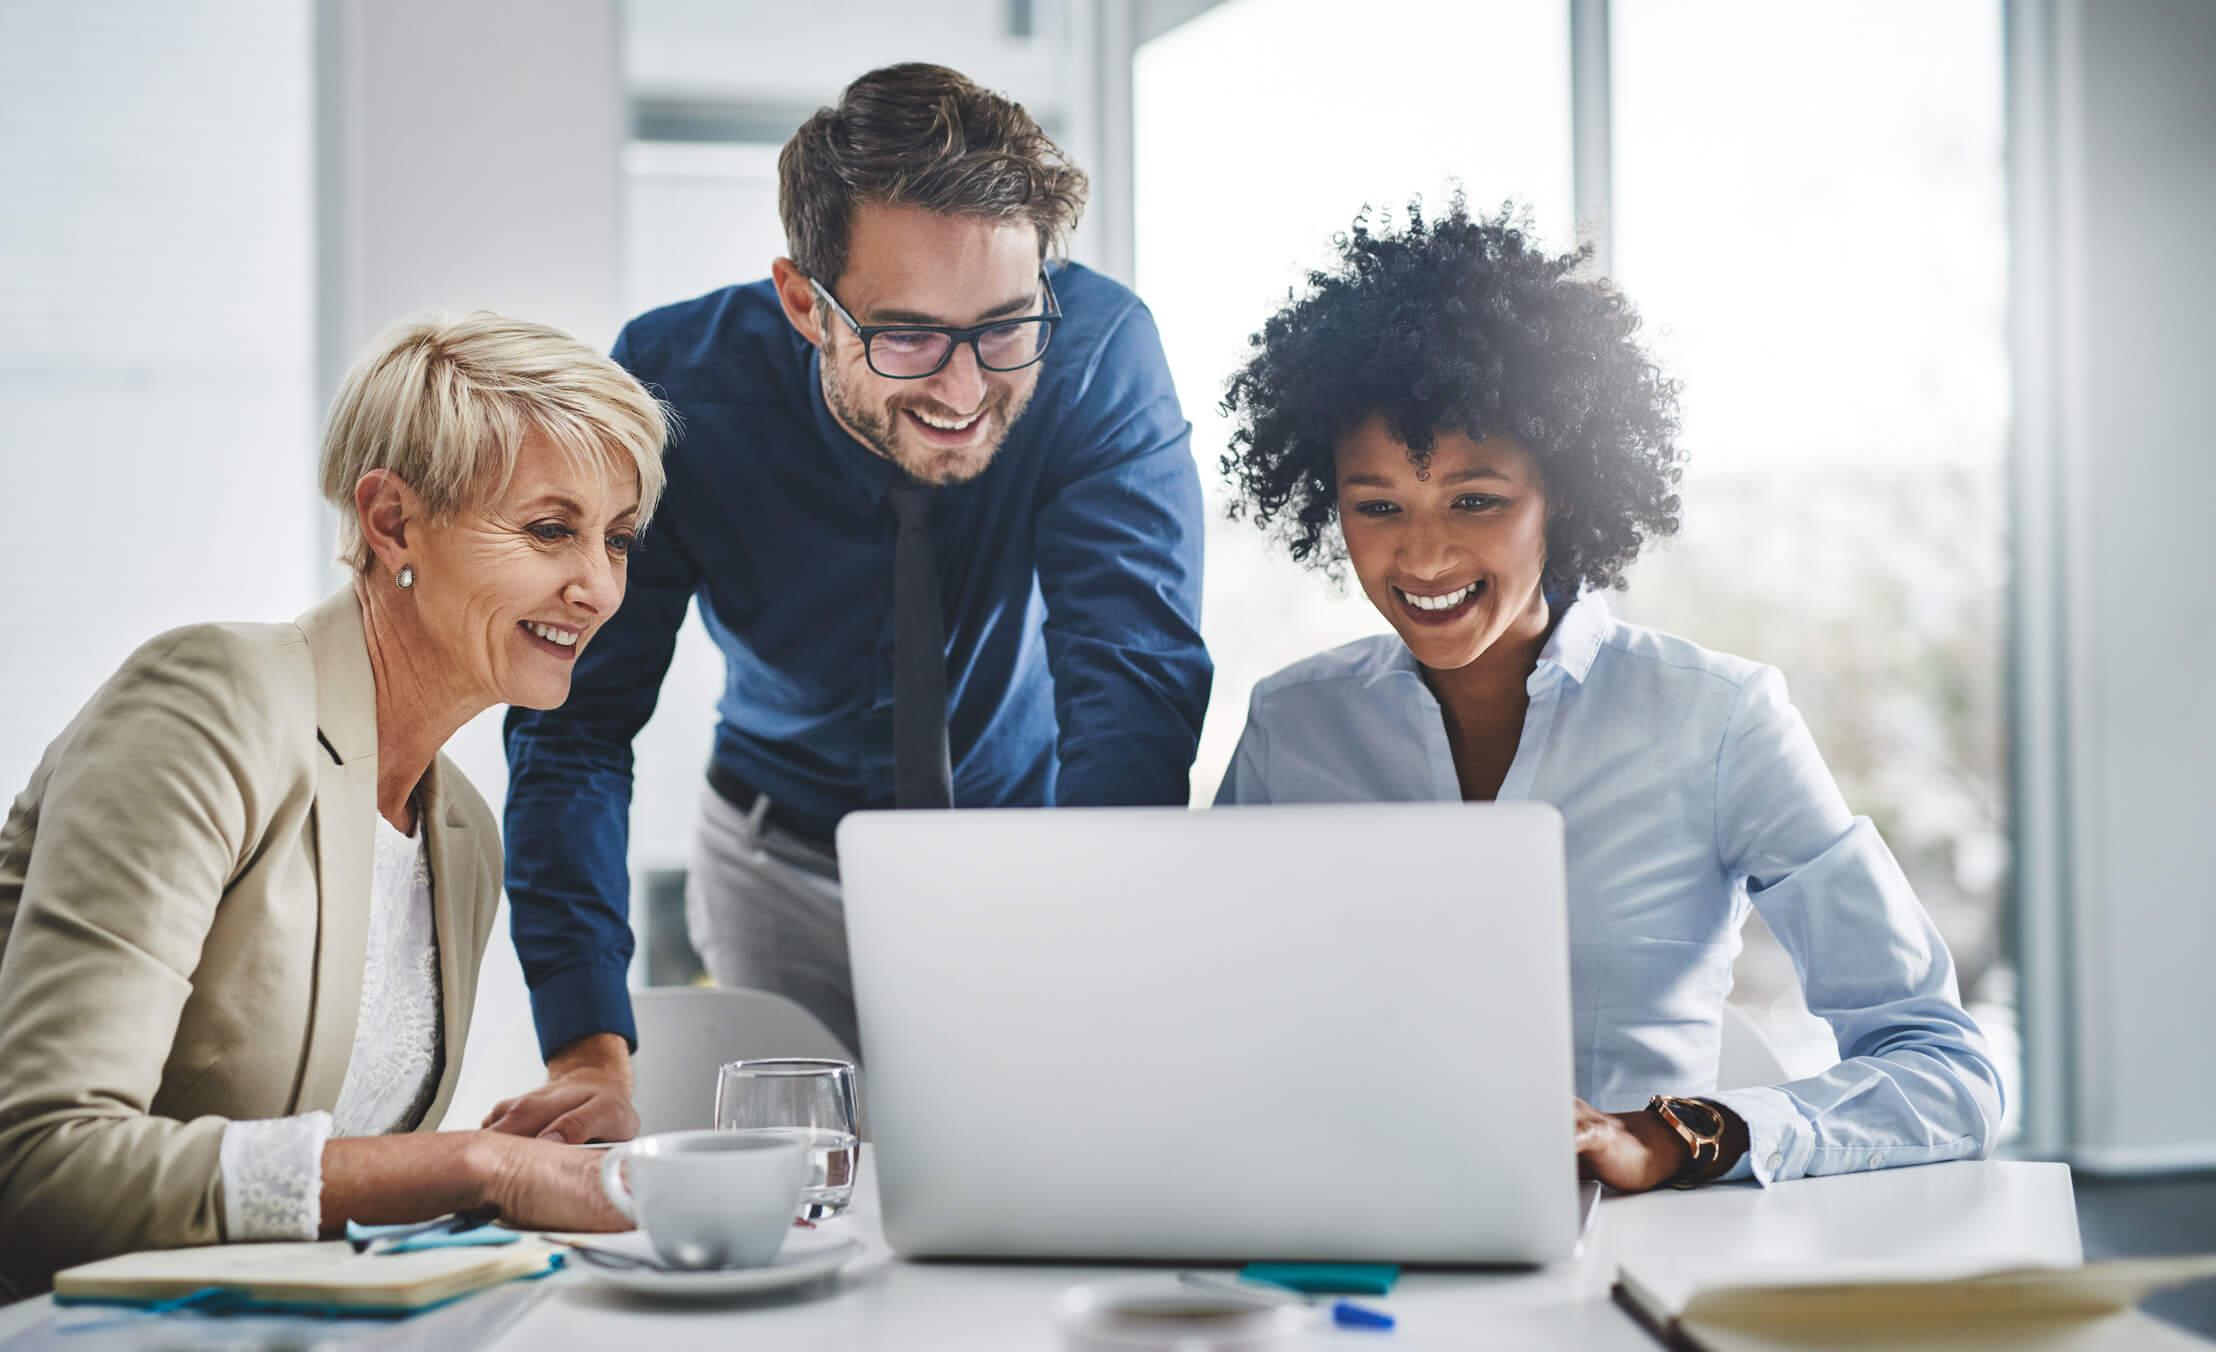 tendências da gestão de projetos em 2019